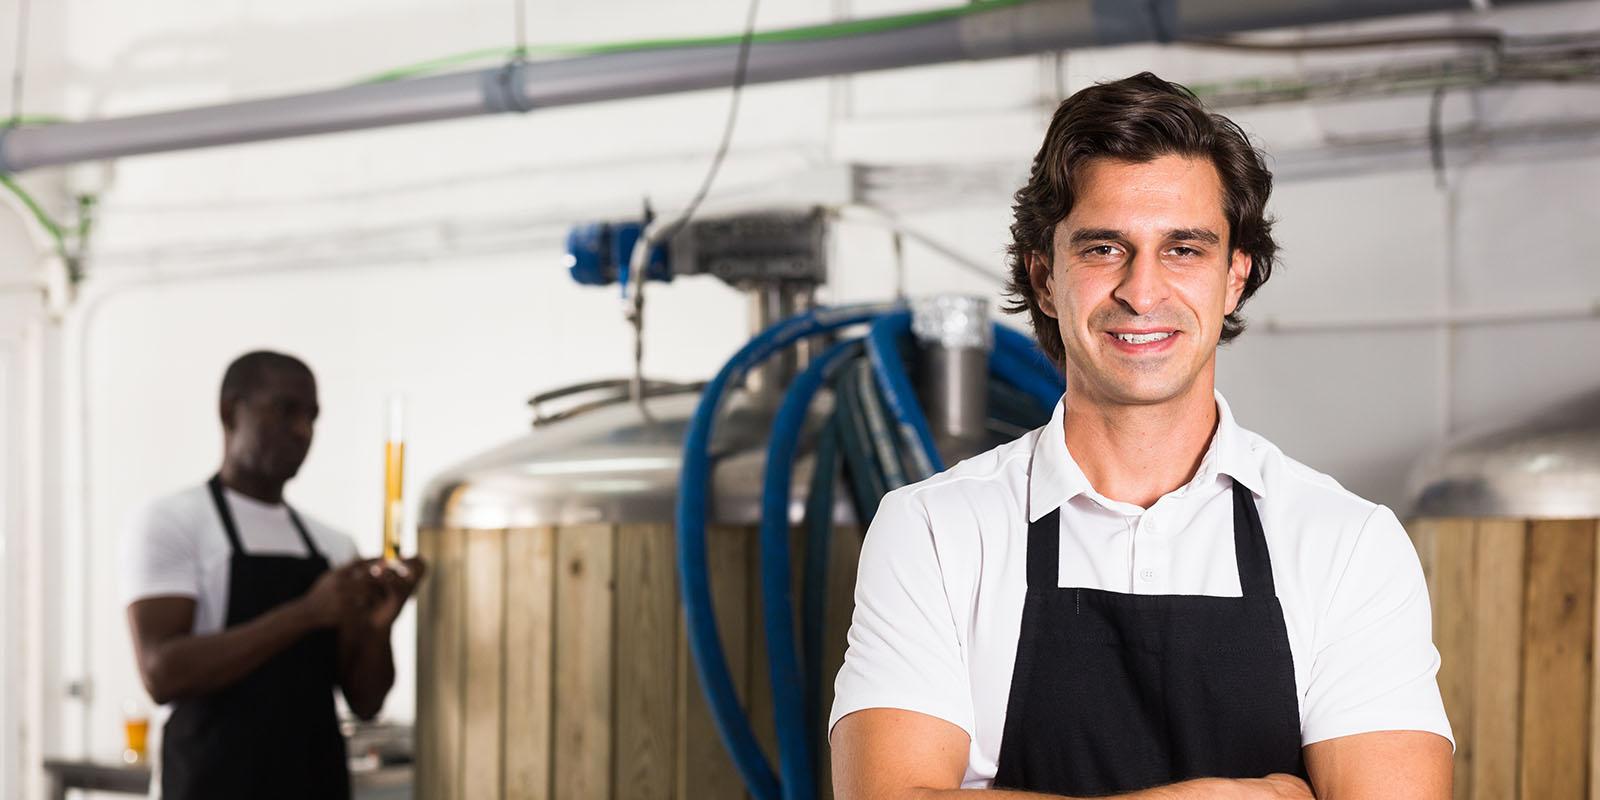 Arbeiter vor Brauerei